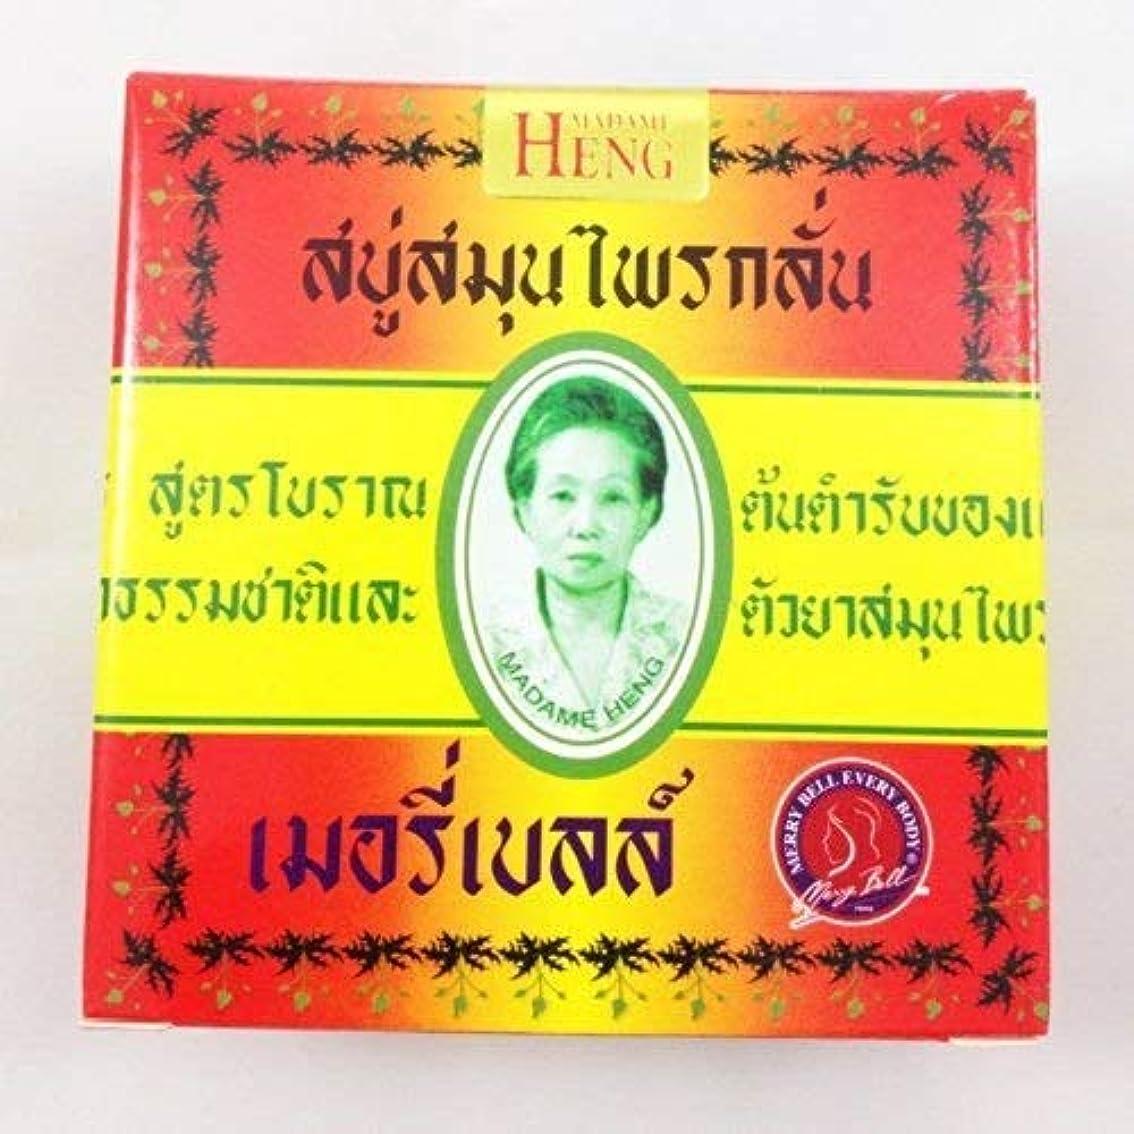 スローガン不正直クラックポットMadame Heng Thai Original Natural Herbal Soap Bar Made in Thailand 160gx2pcs by Ni Yom Thai shop